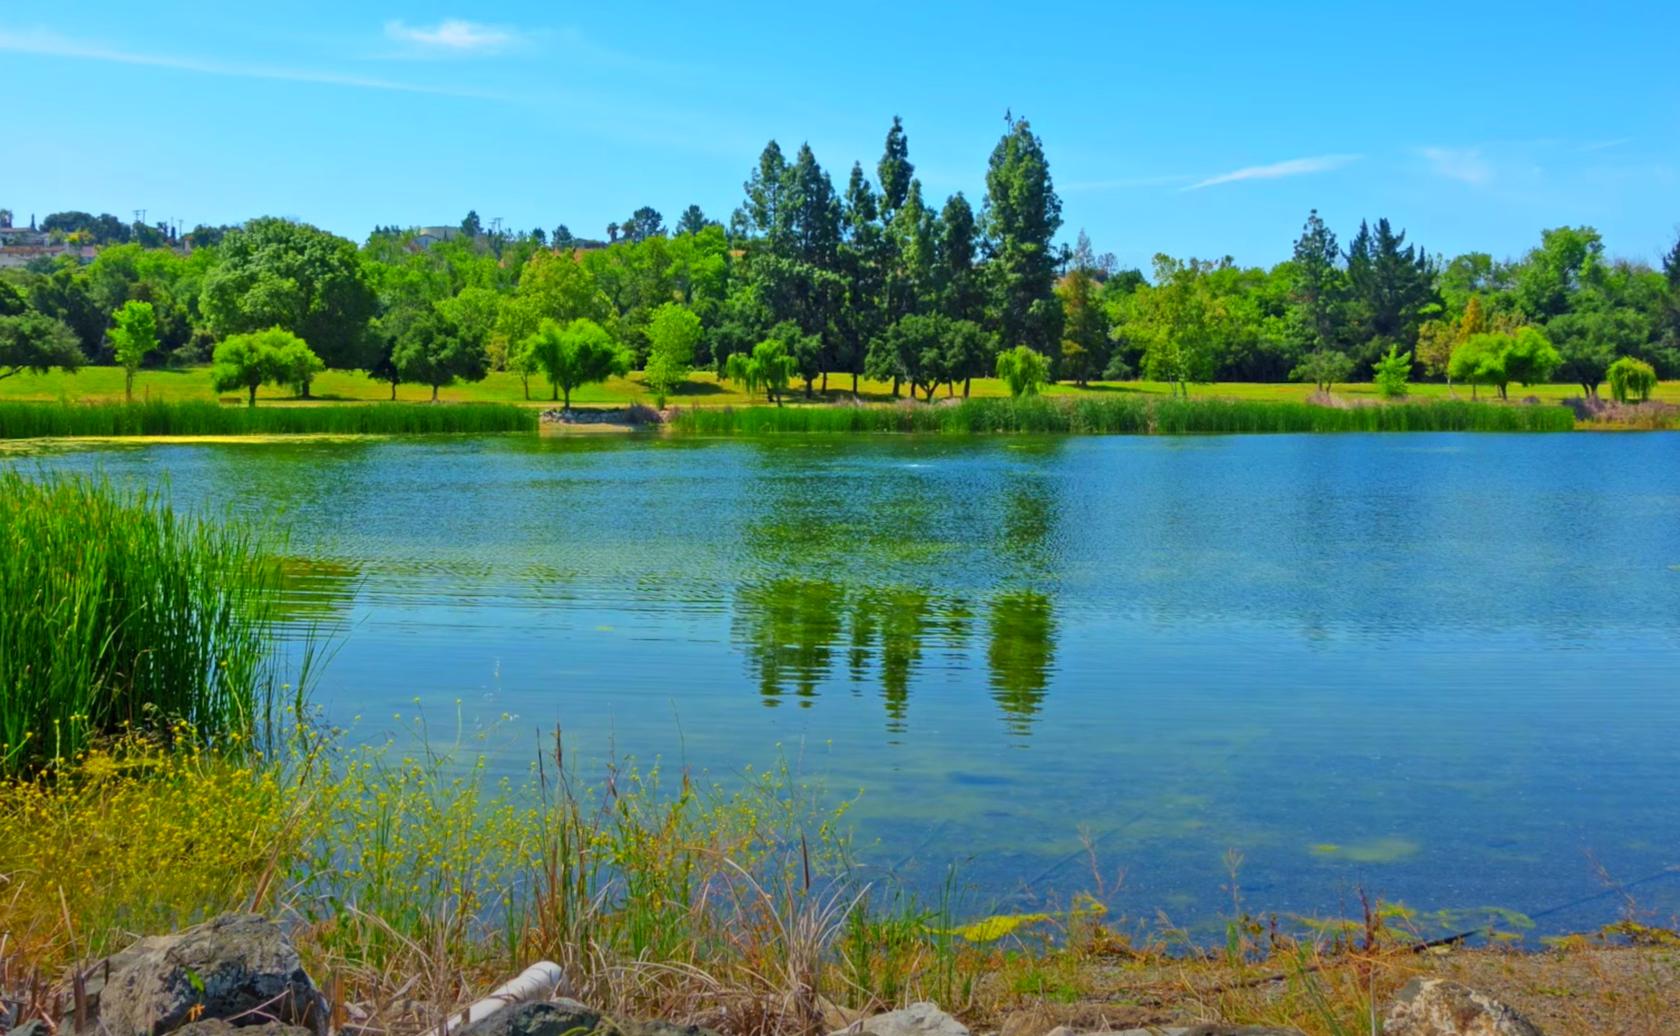 Cottonwood-Lake-Fishing-Guide-Report-San-Jose-CA-01 Copy 2